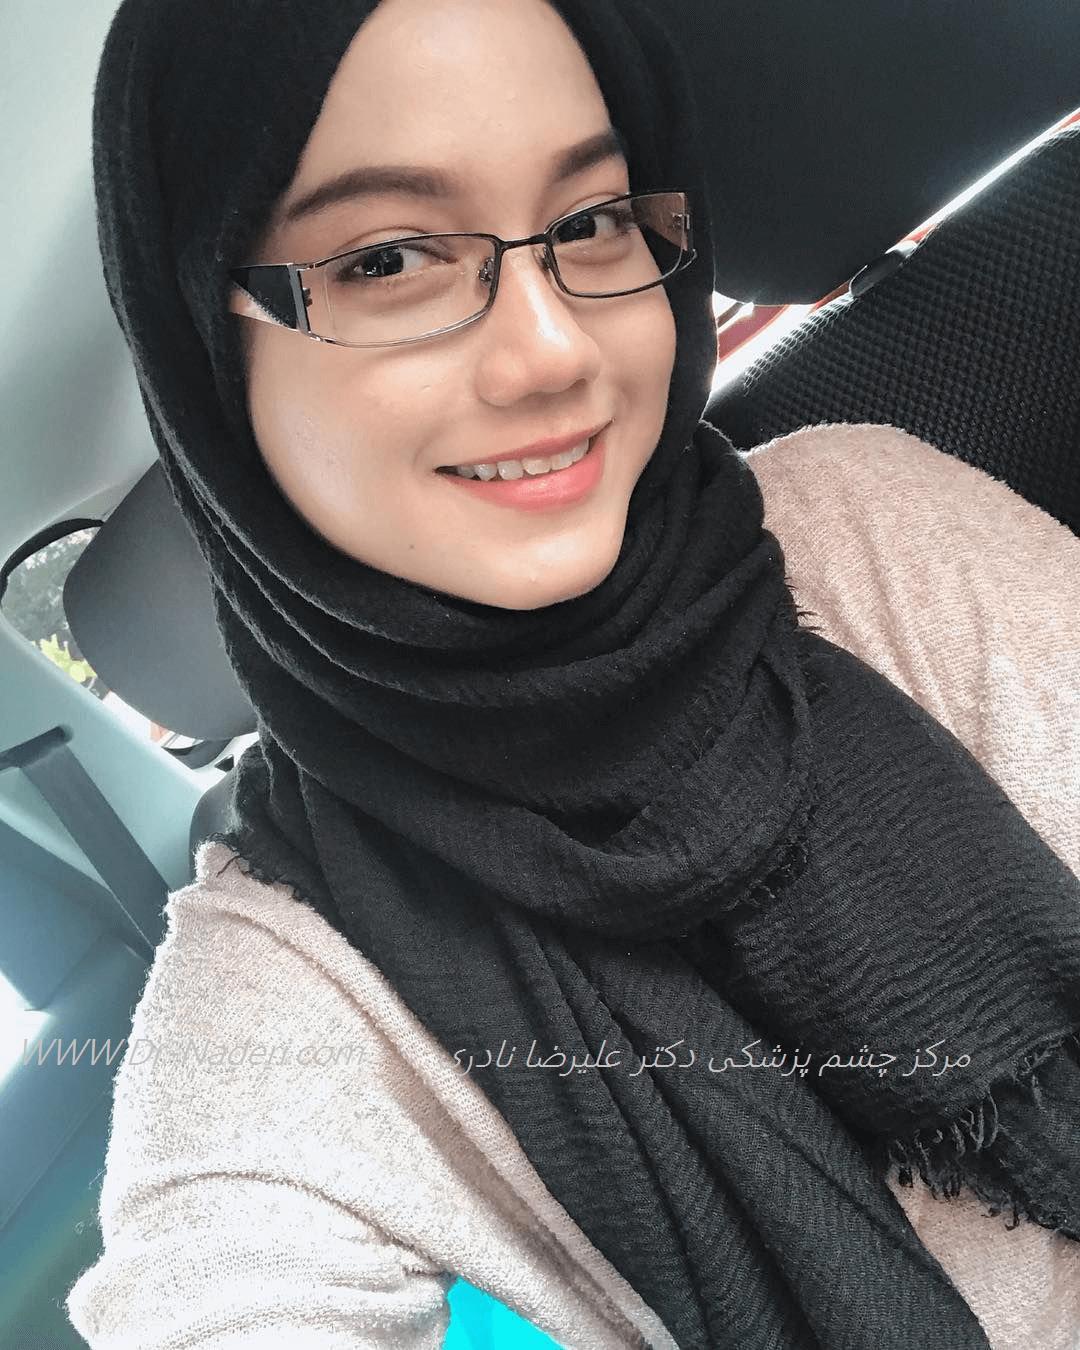 استفاده از عینک در درمان قوز قرنیه